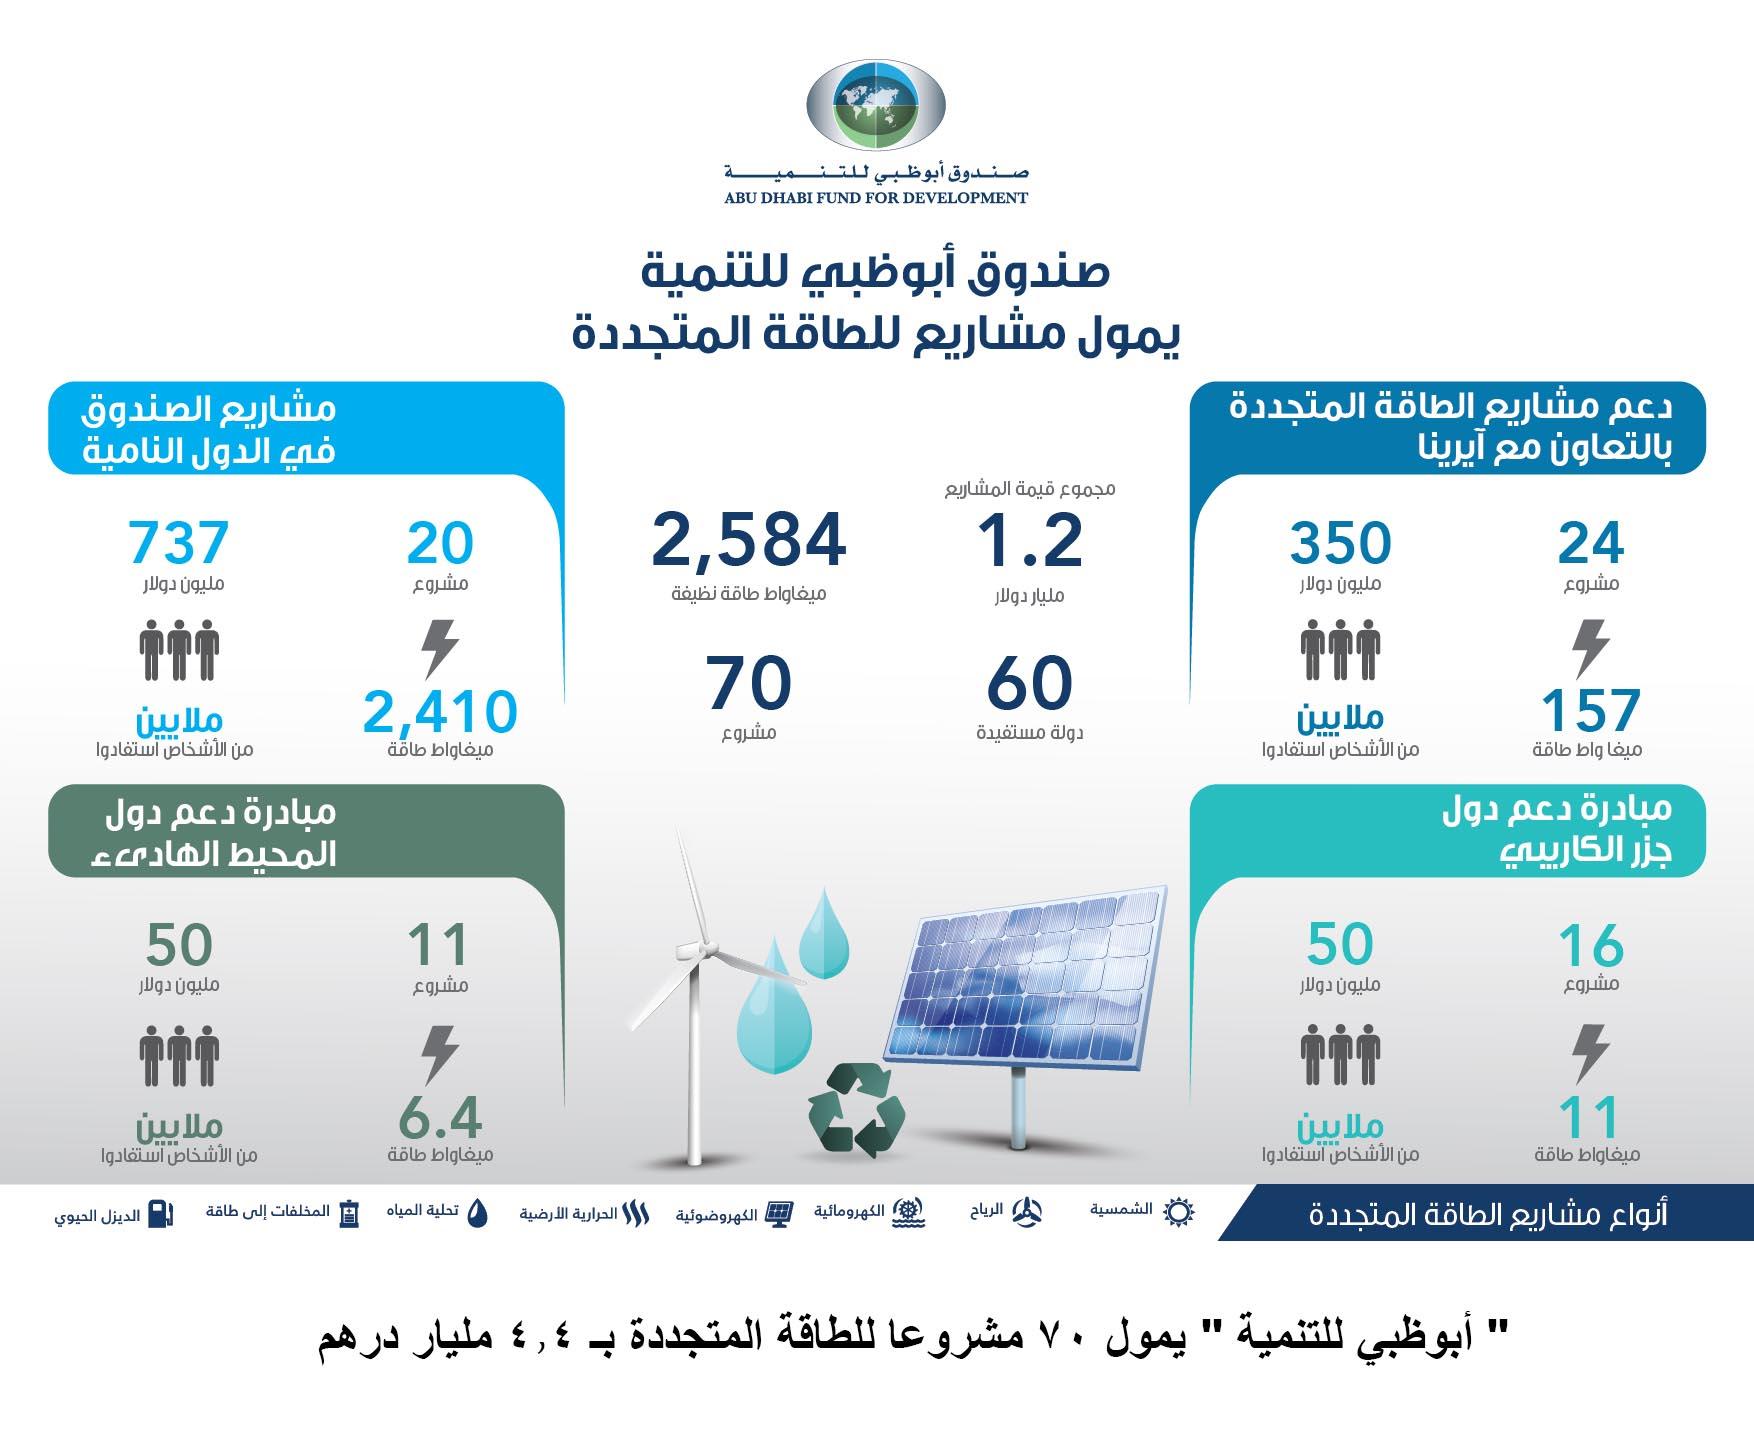 « أبوظبي للتنمية» يمول 70 مشروعا للطاقة المتجددة بـ 4.4 مليار درهم